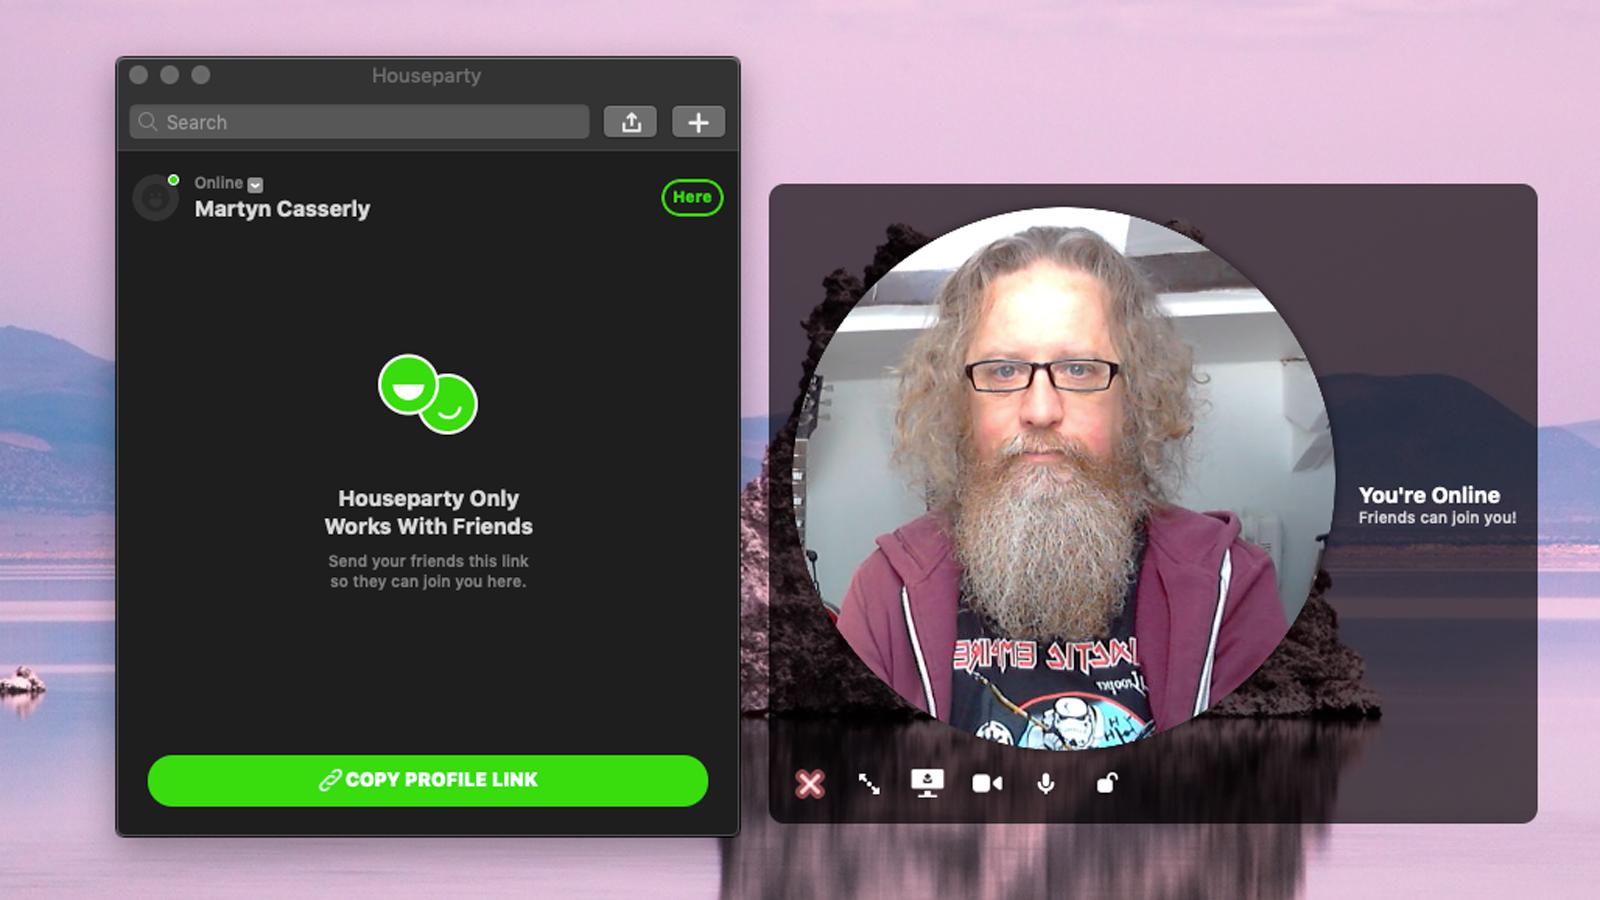 Cómo configurar y usar Houseparty en Mac: Iniciar sesión